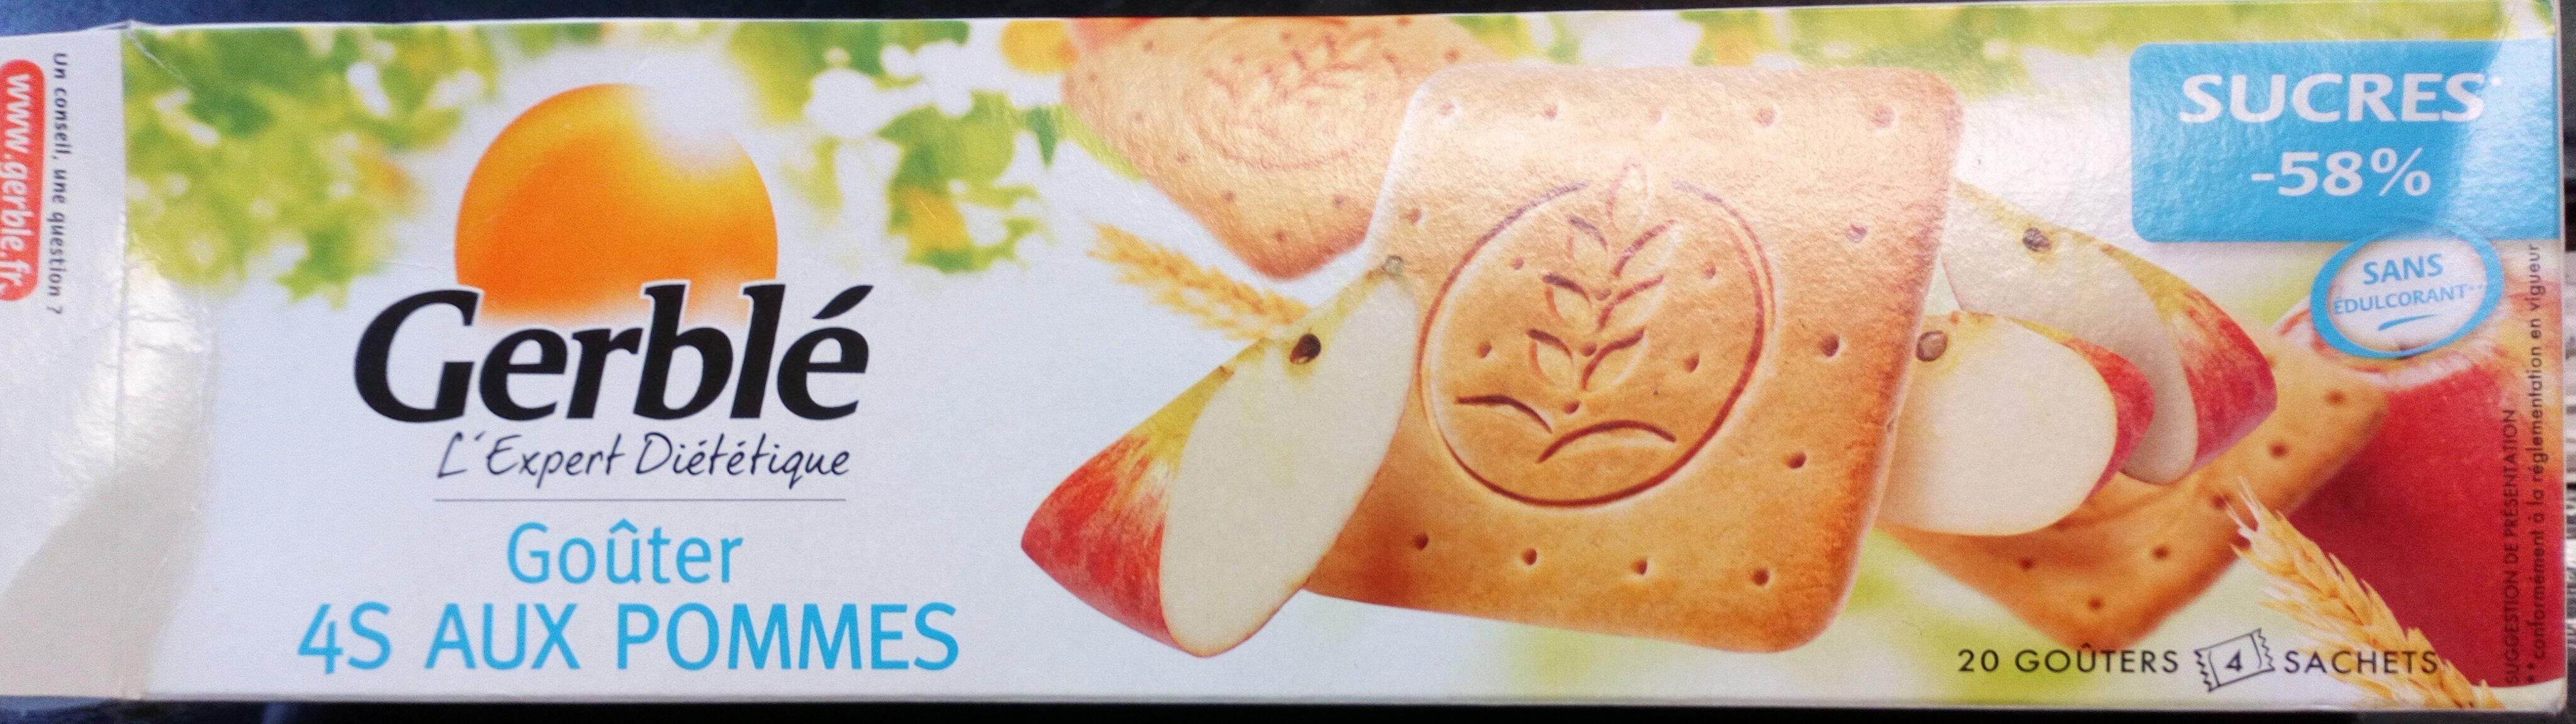 Biscuits aux pommes - Produit - fr